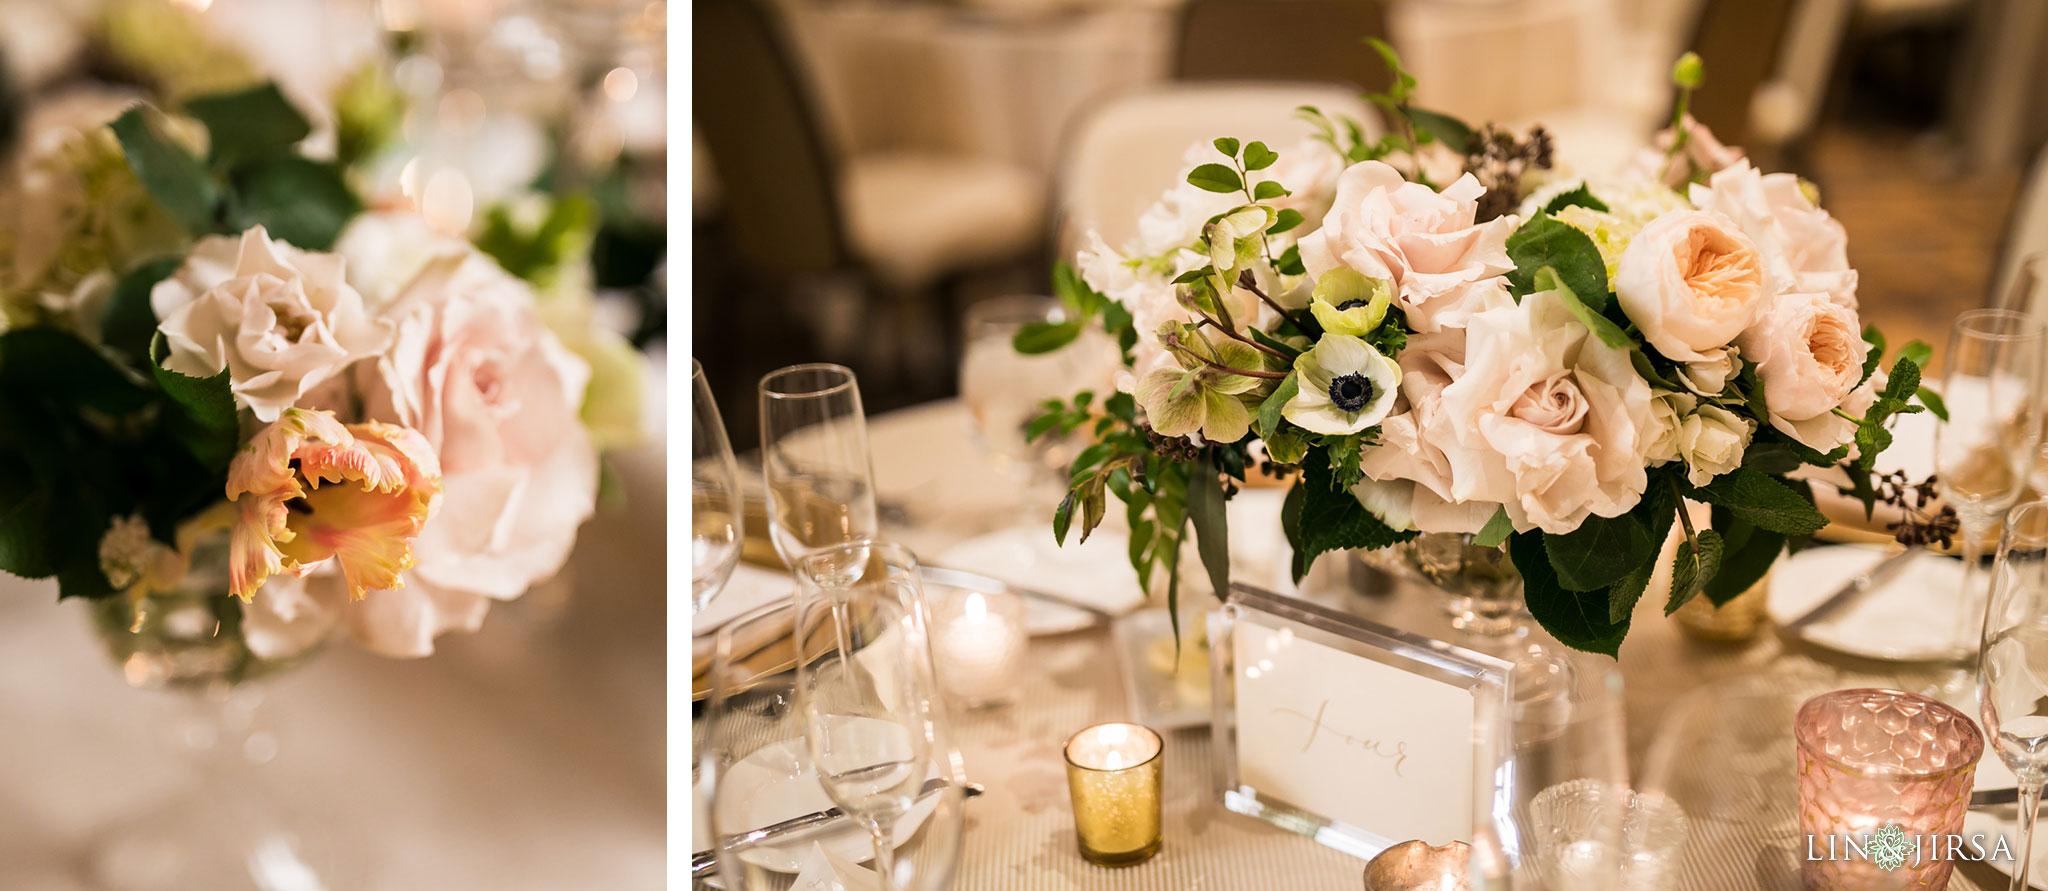 25 estancia la jolla hotel and spa wedding reception photography